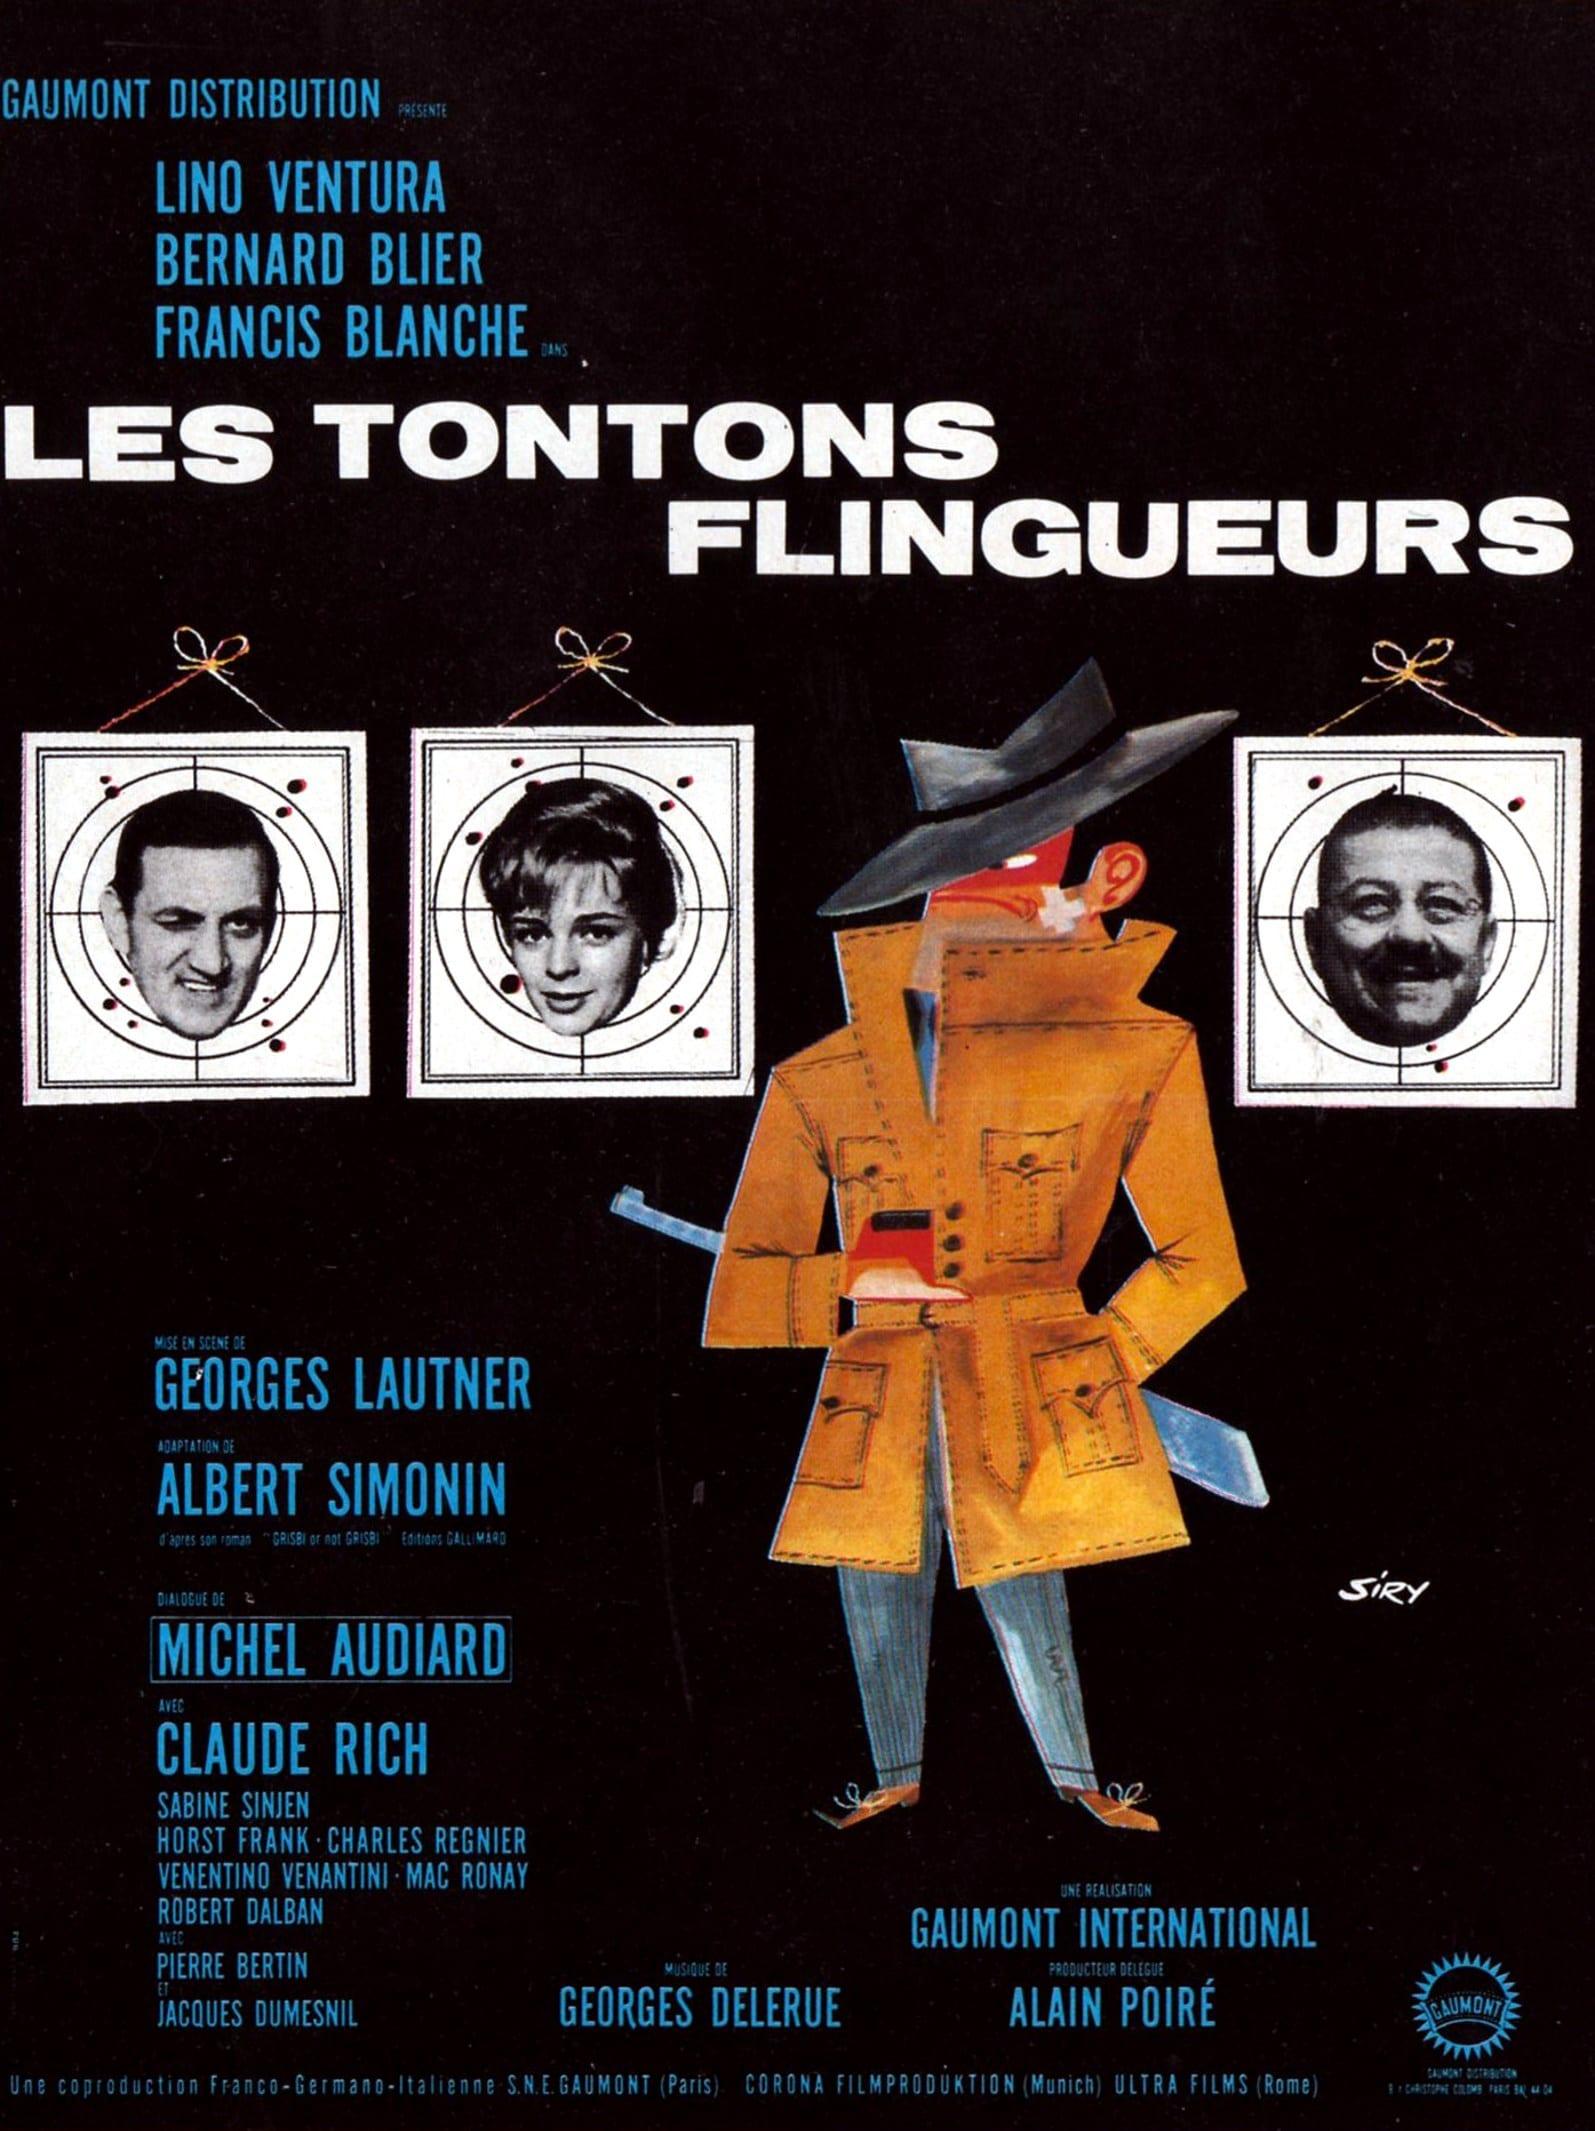 Les Tontons flingueurs (1963) de Georges Lautner - Affiche